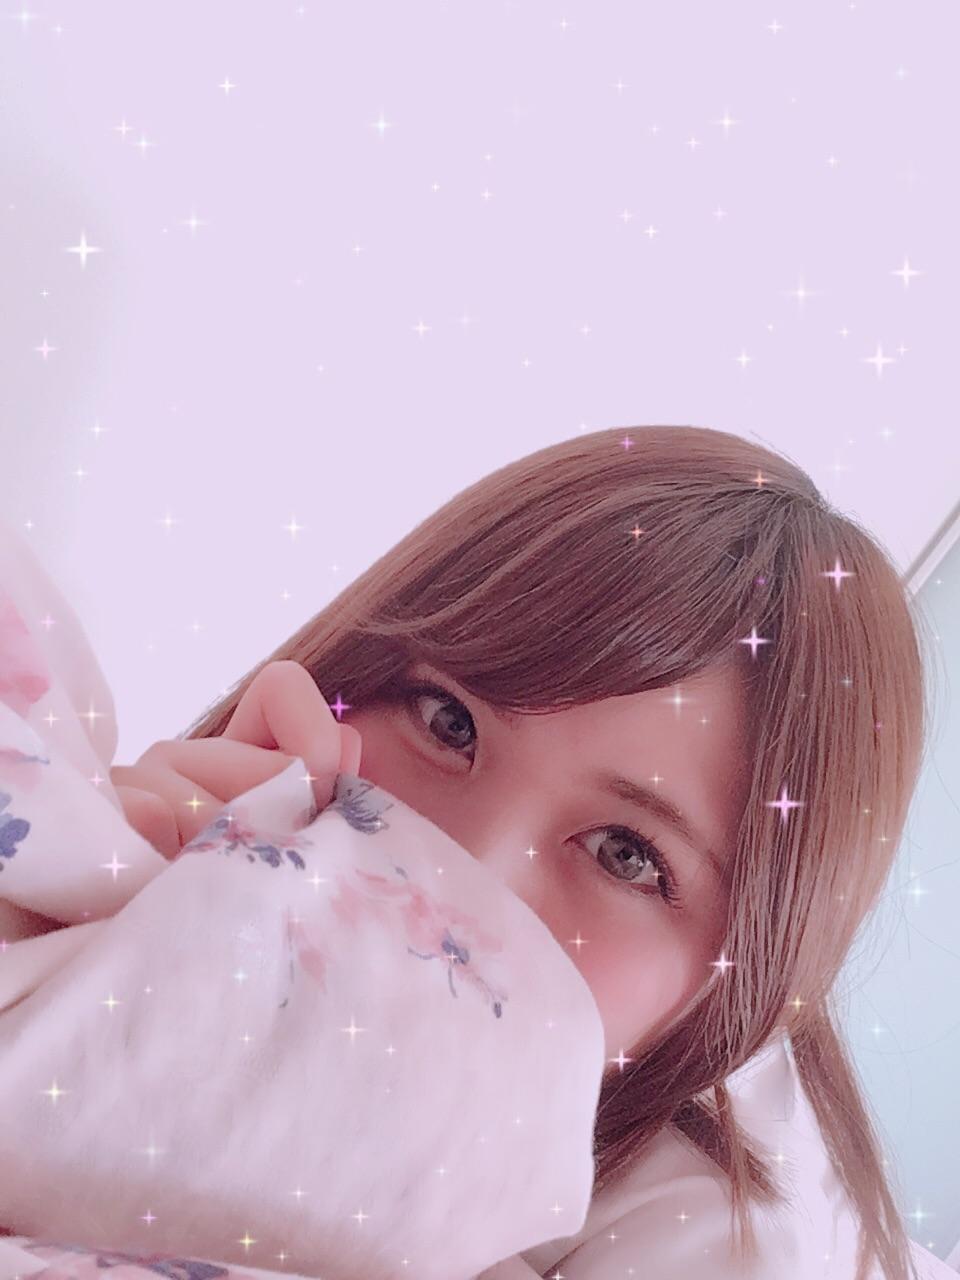 「きゃー!」06/22(06/22) 11:24 | の写メ・風俗動画